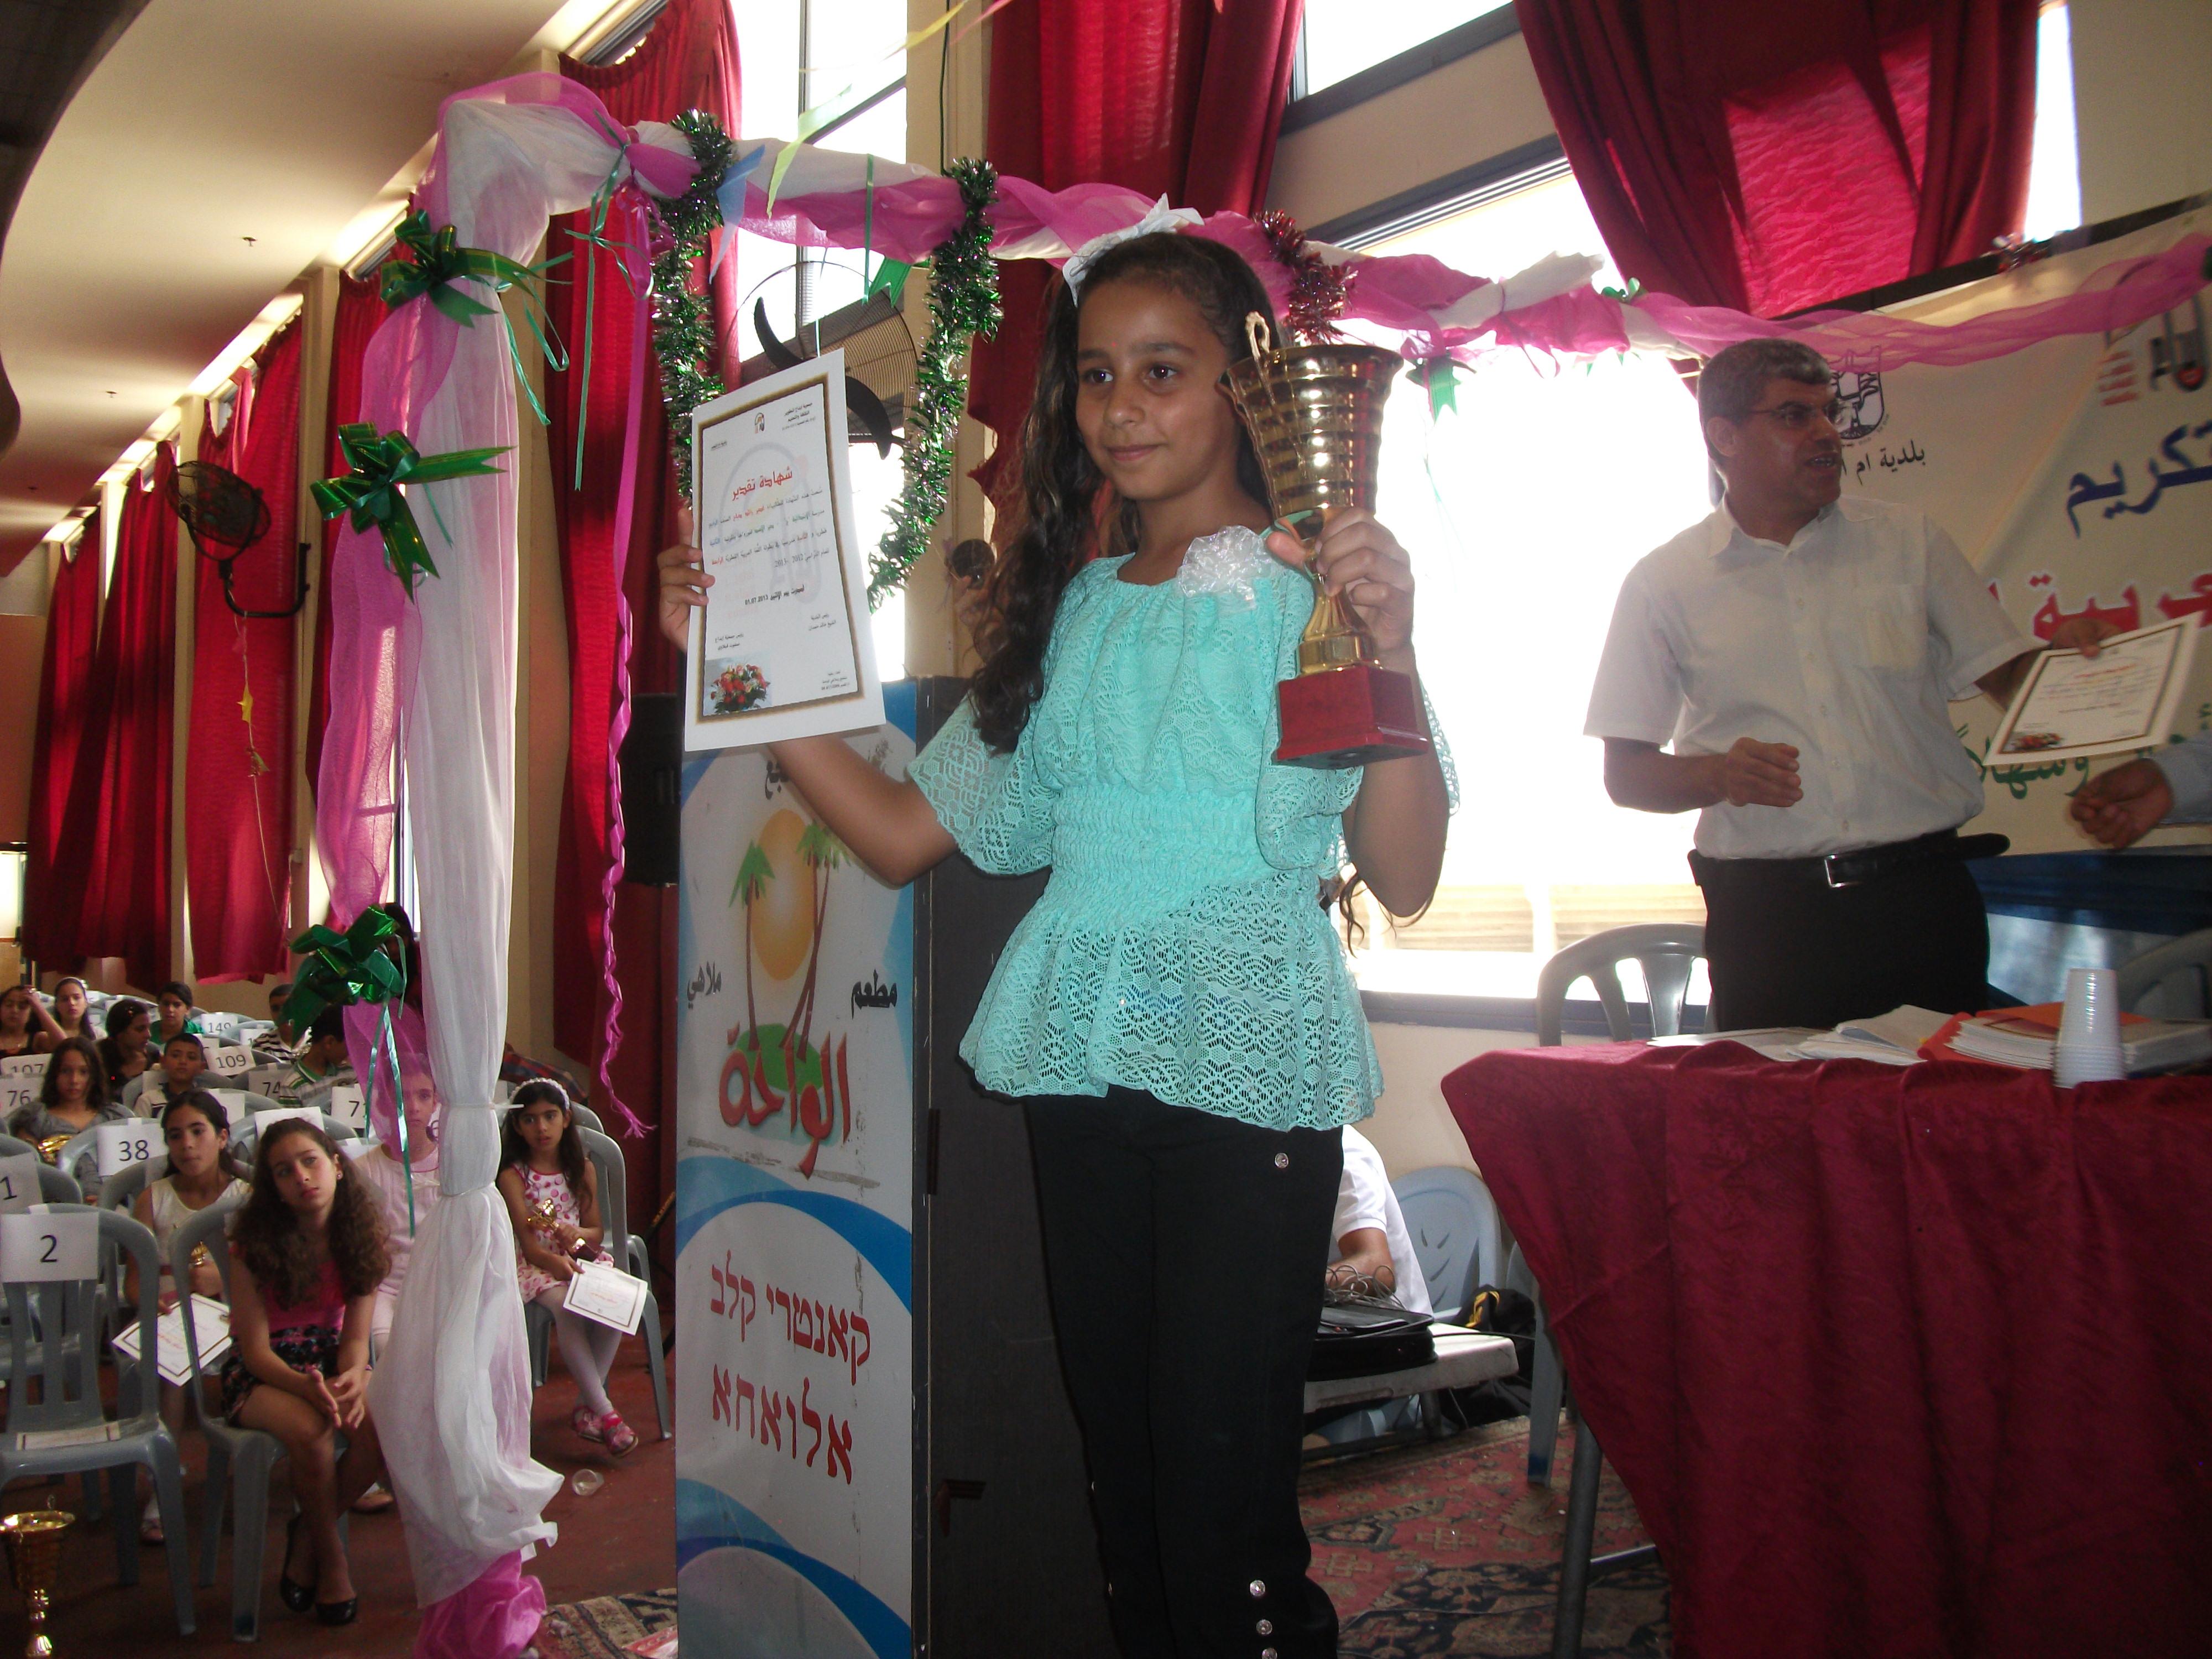 تقرير وصور تكريم الفائزين ببطولة اللغة العربية القطرية الرابعة